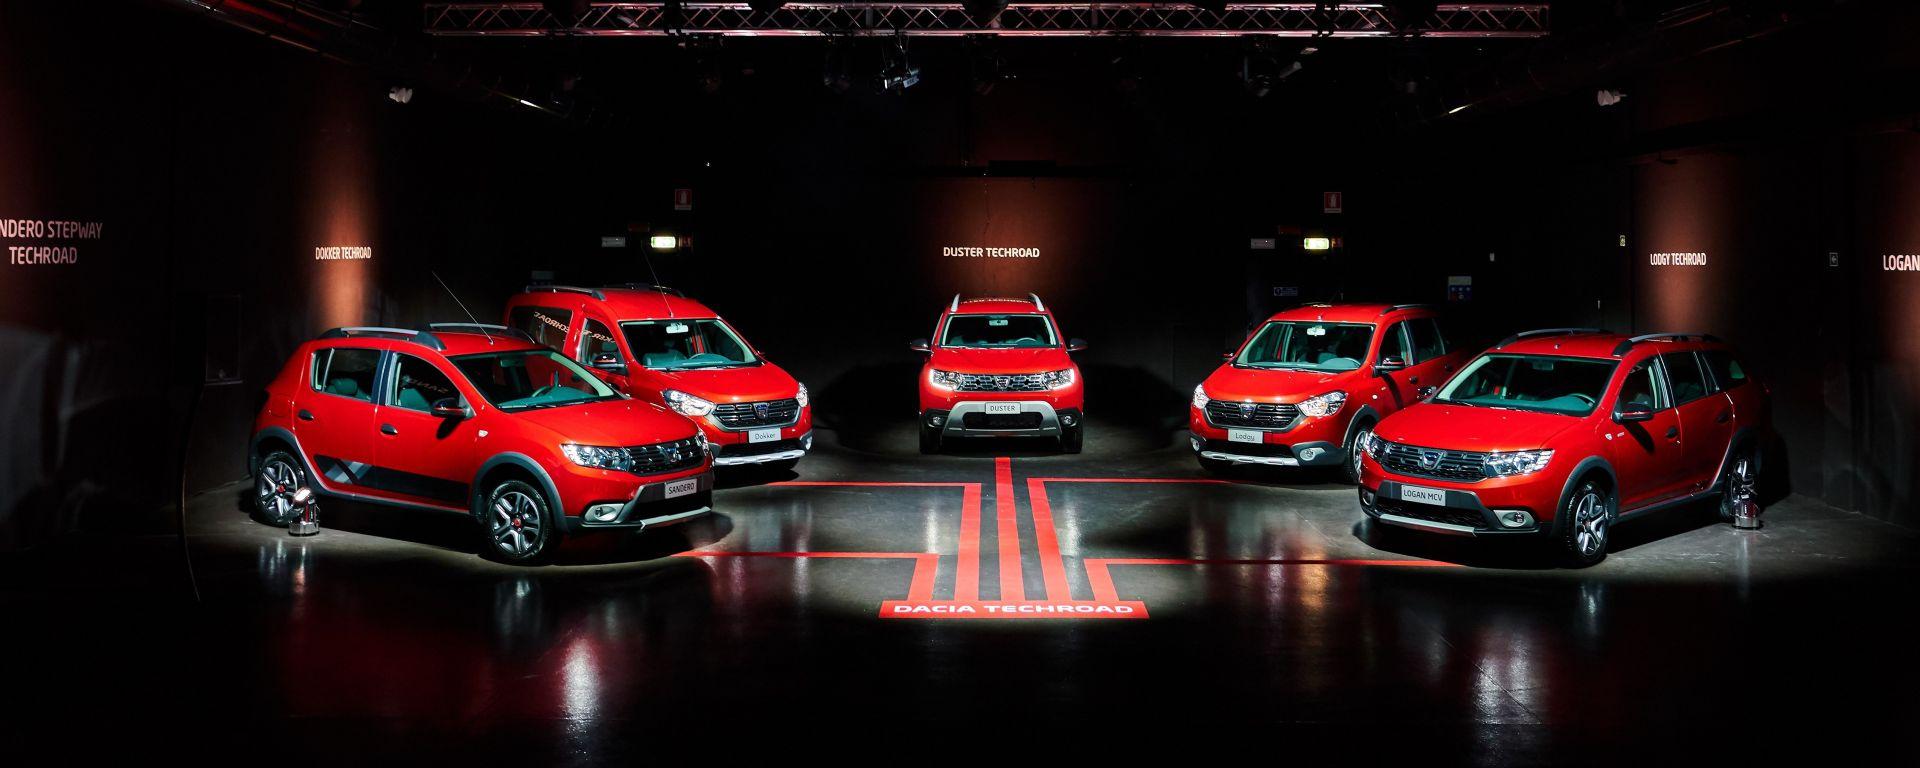 Dacia: arriva la serie speciale Techroad 100% turbo